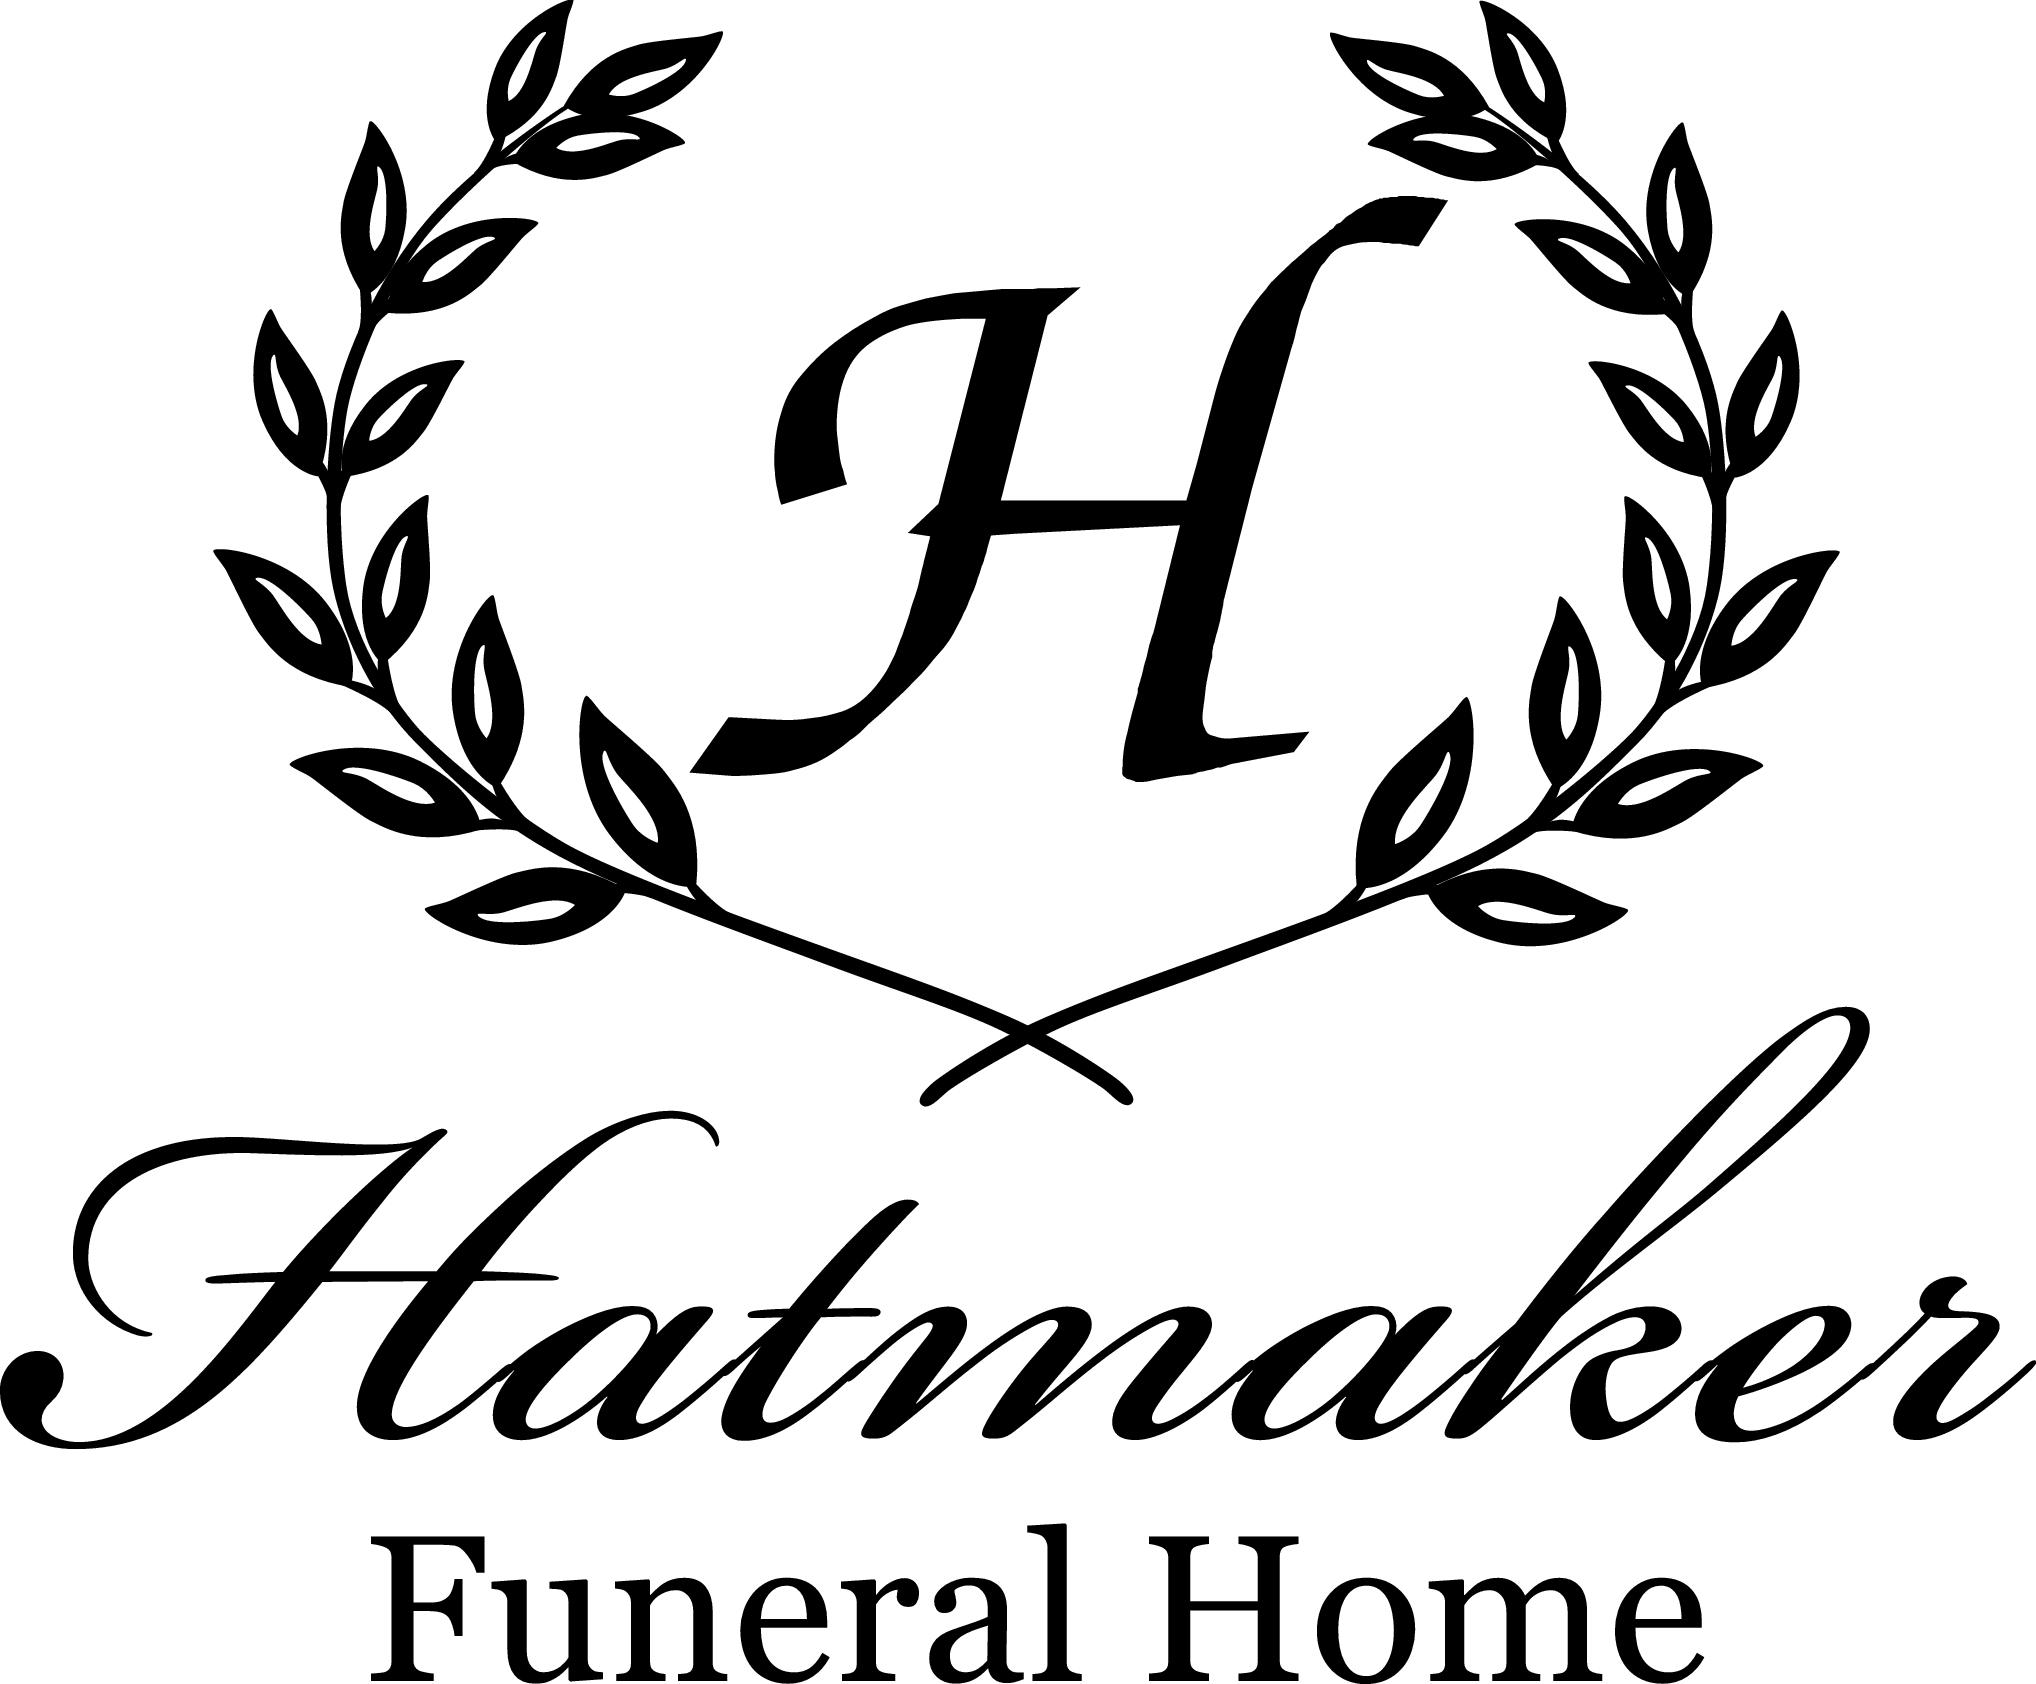 Hatmaker Funeral Home